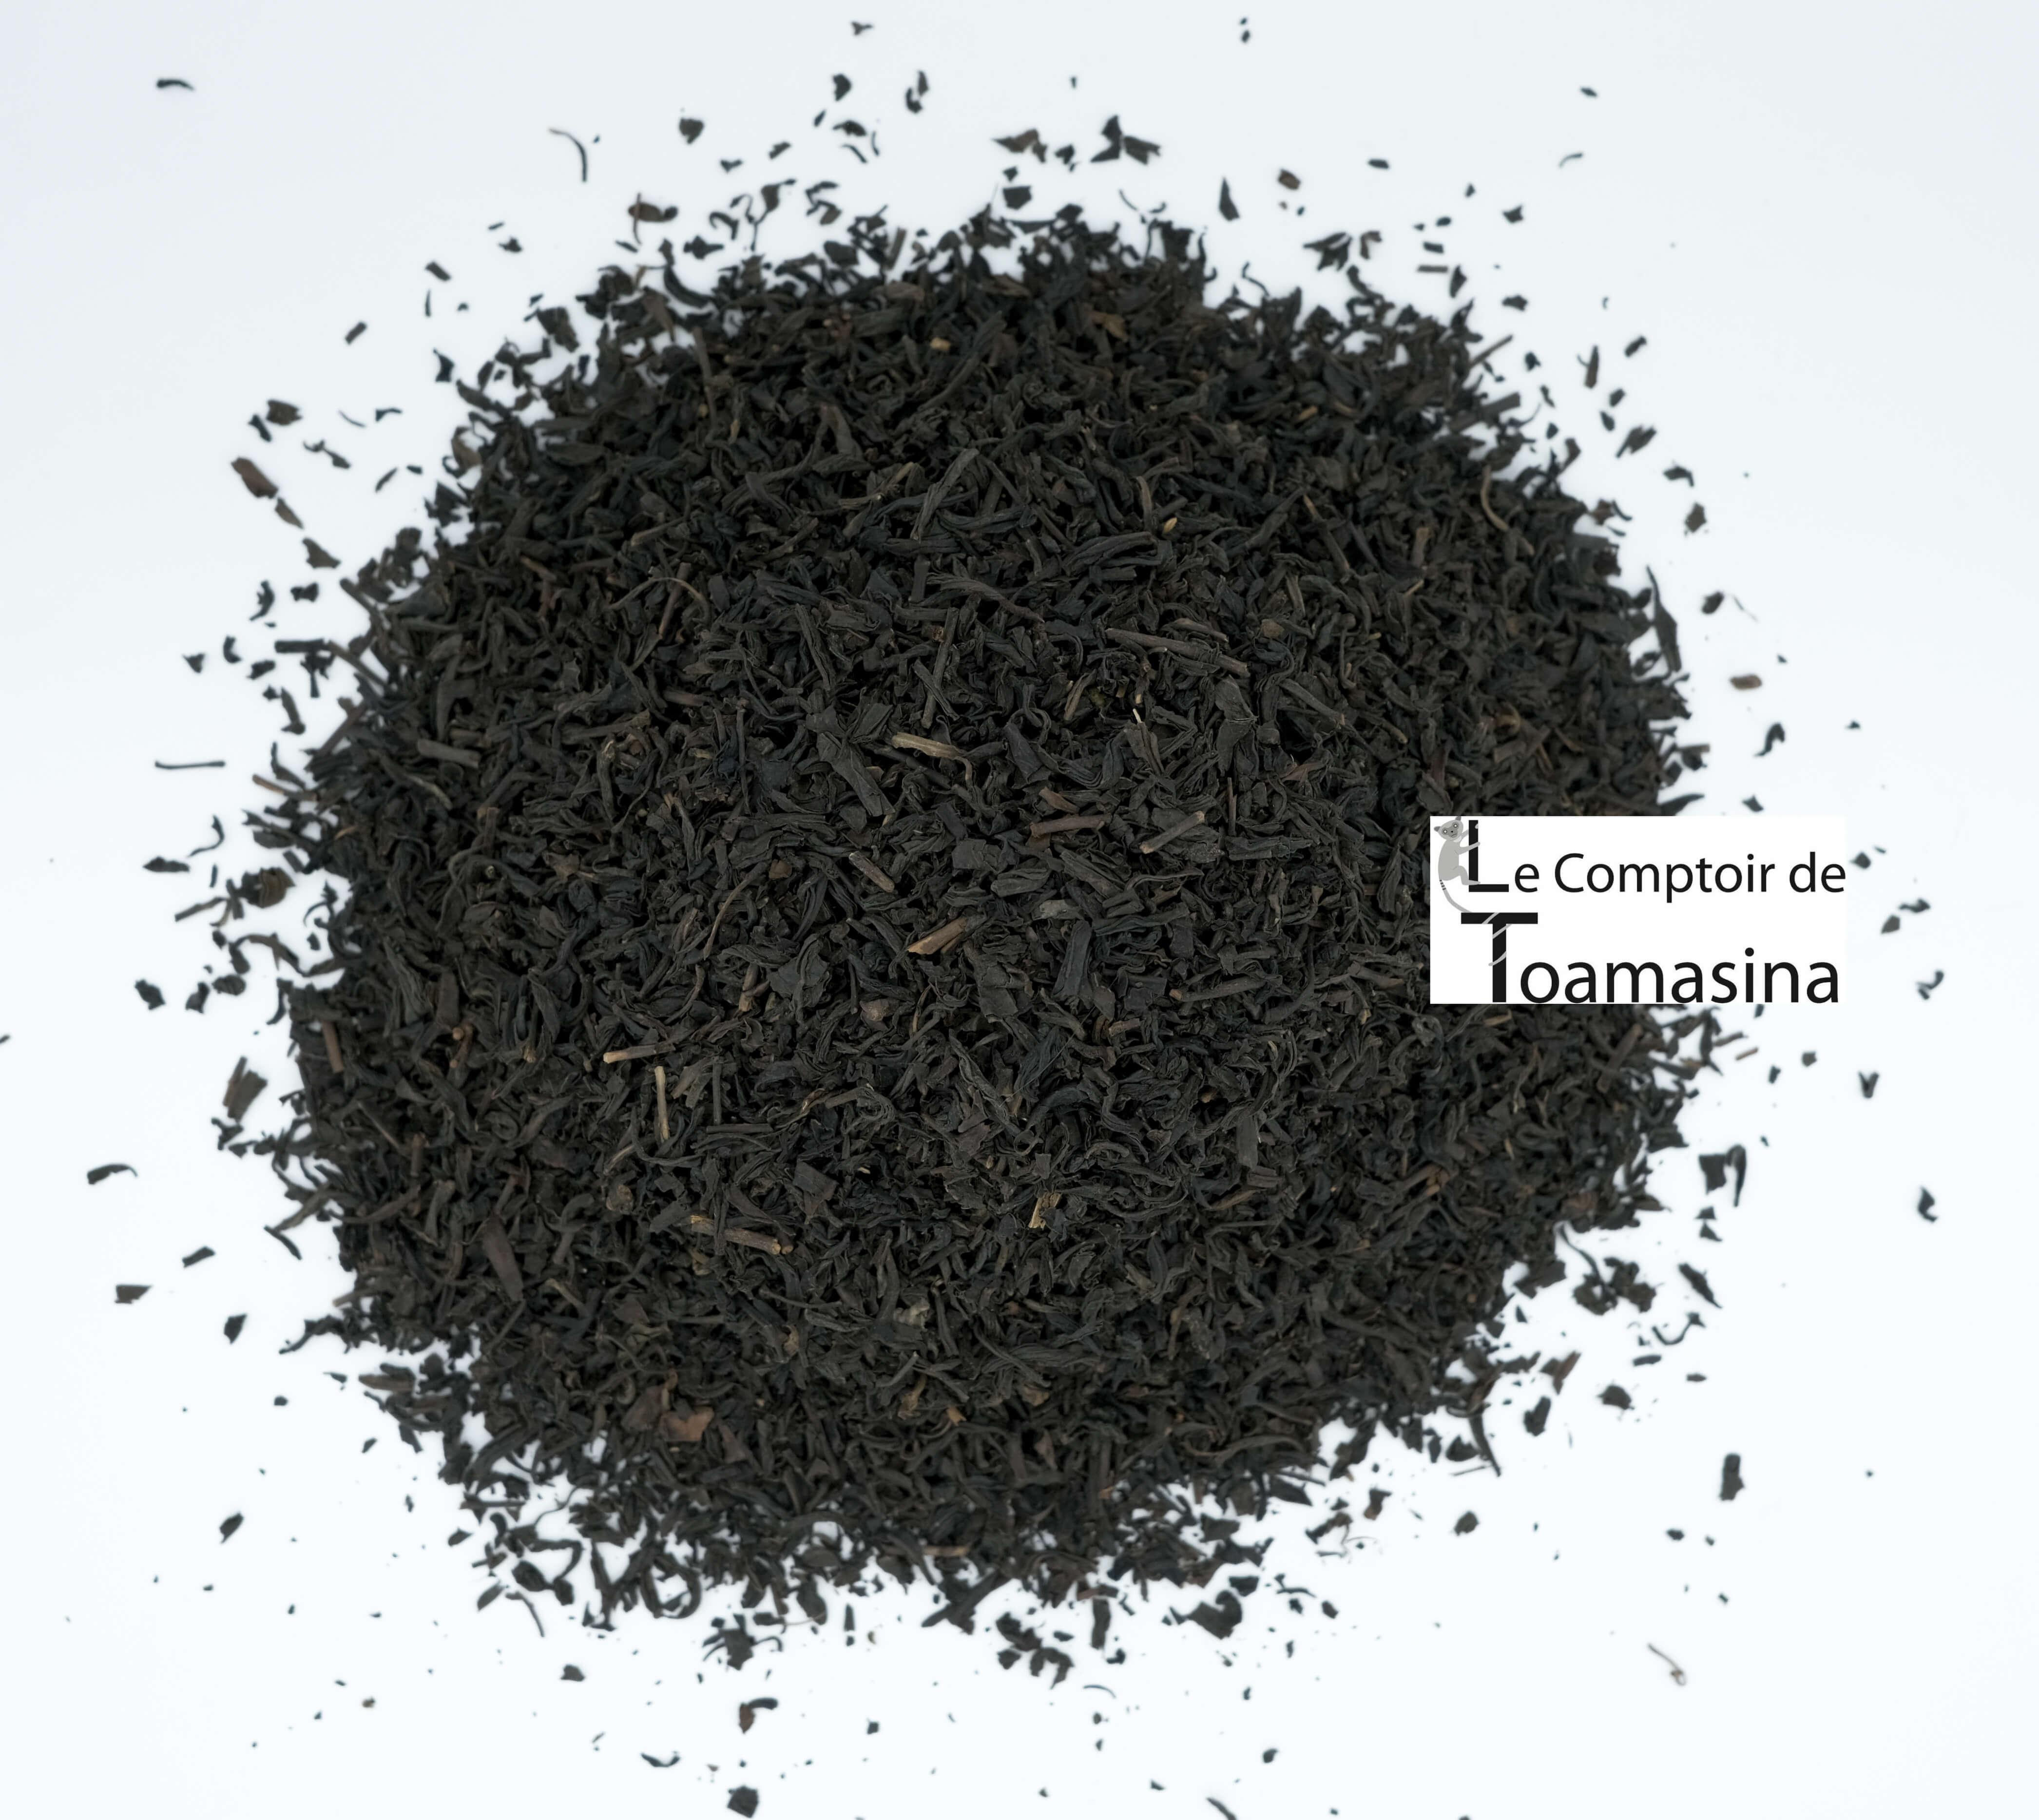 Acheter du Thé Noir Lapsang Souchong